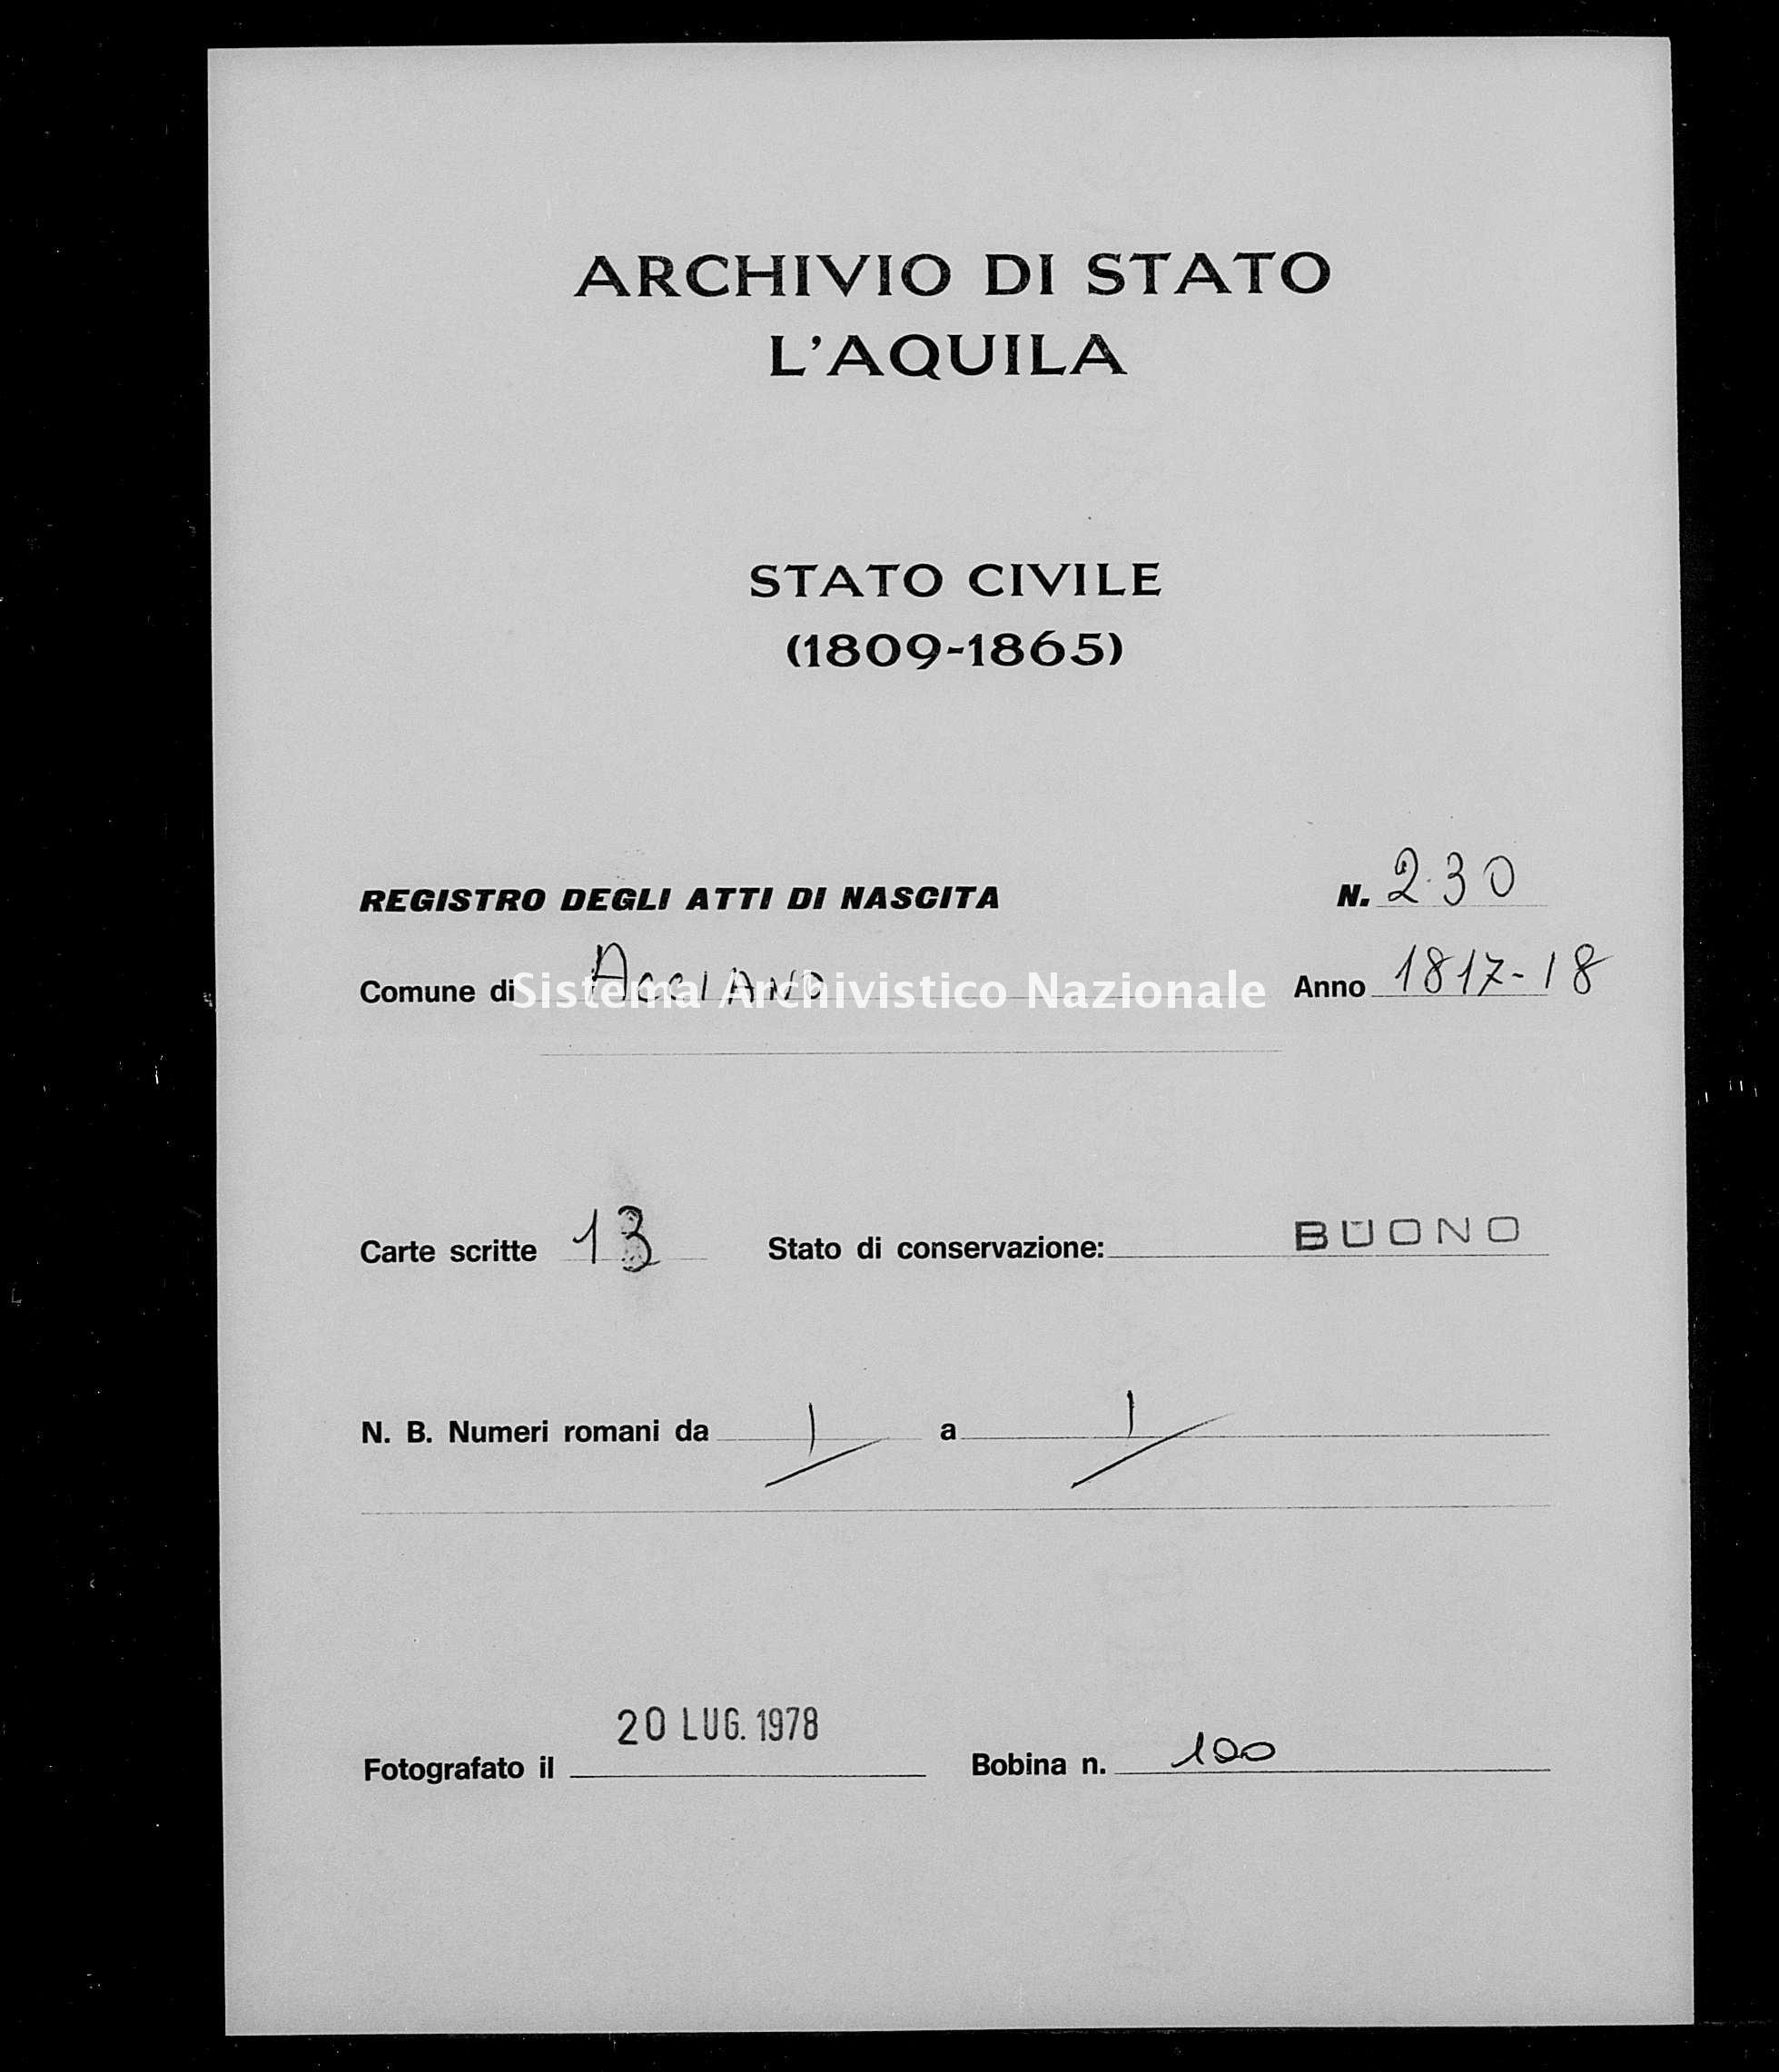 Archivio di stato di L'aquila - Stato civile della restaurazione - Acciano - Nati - 1817 - 229 -